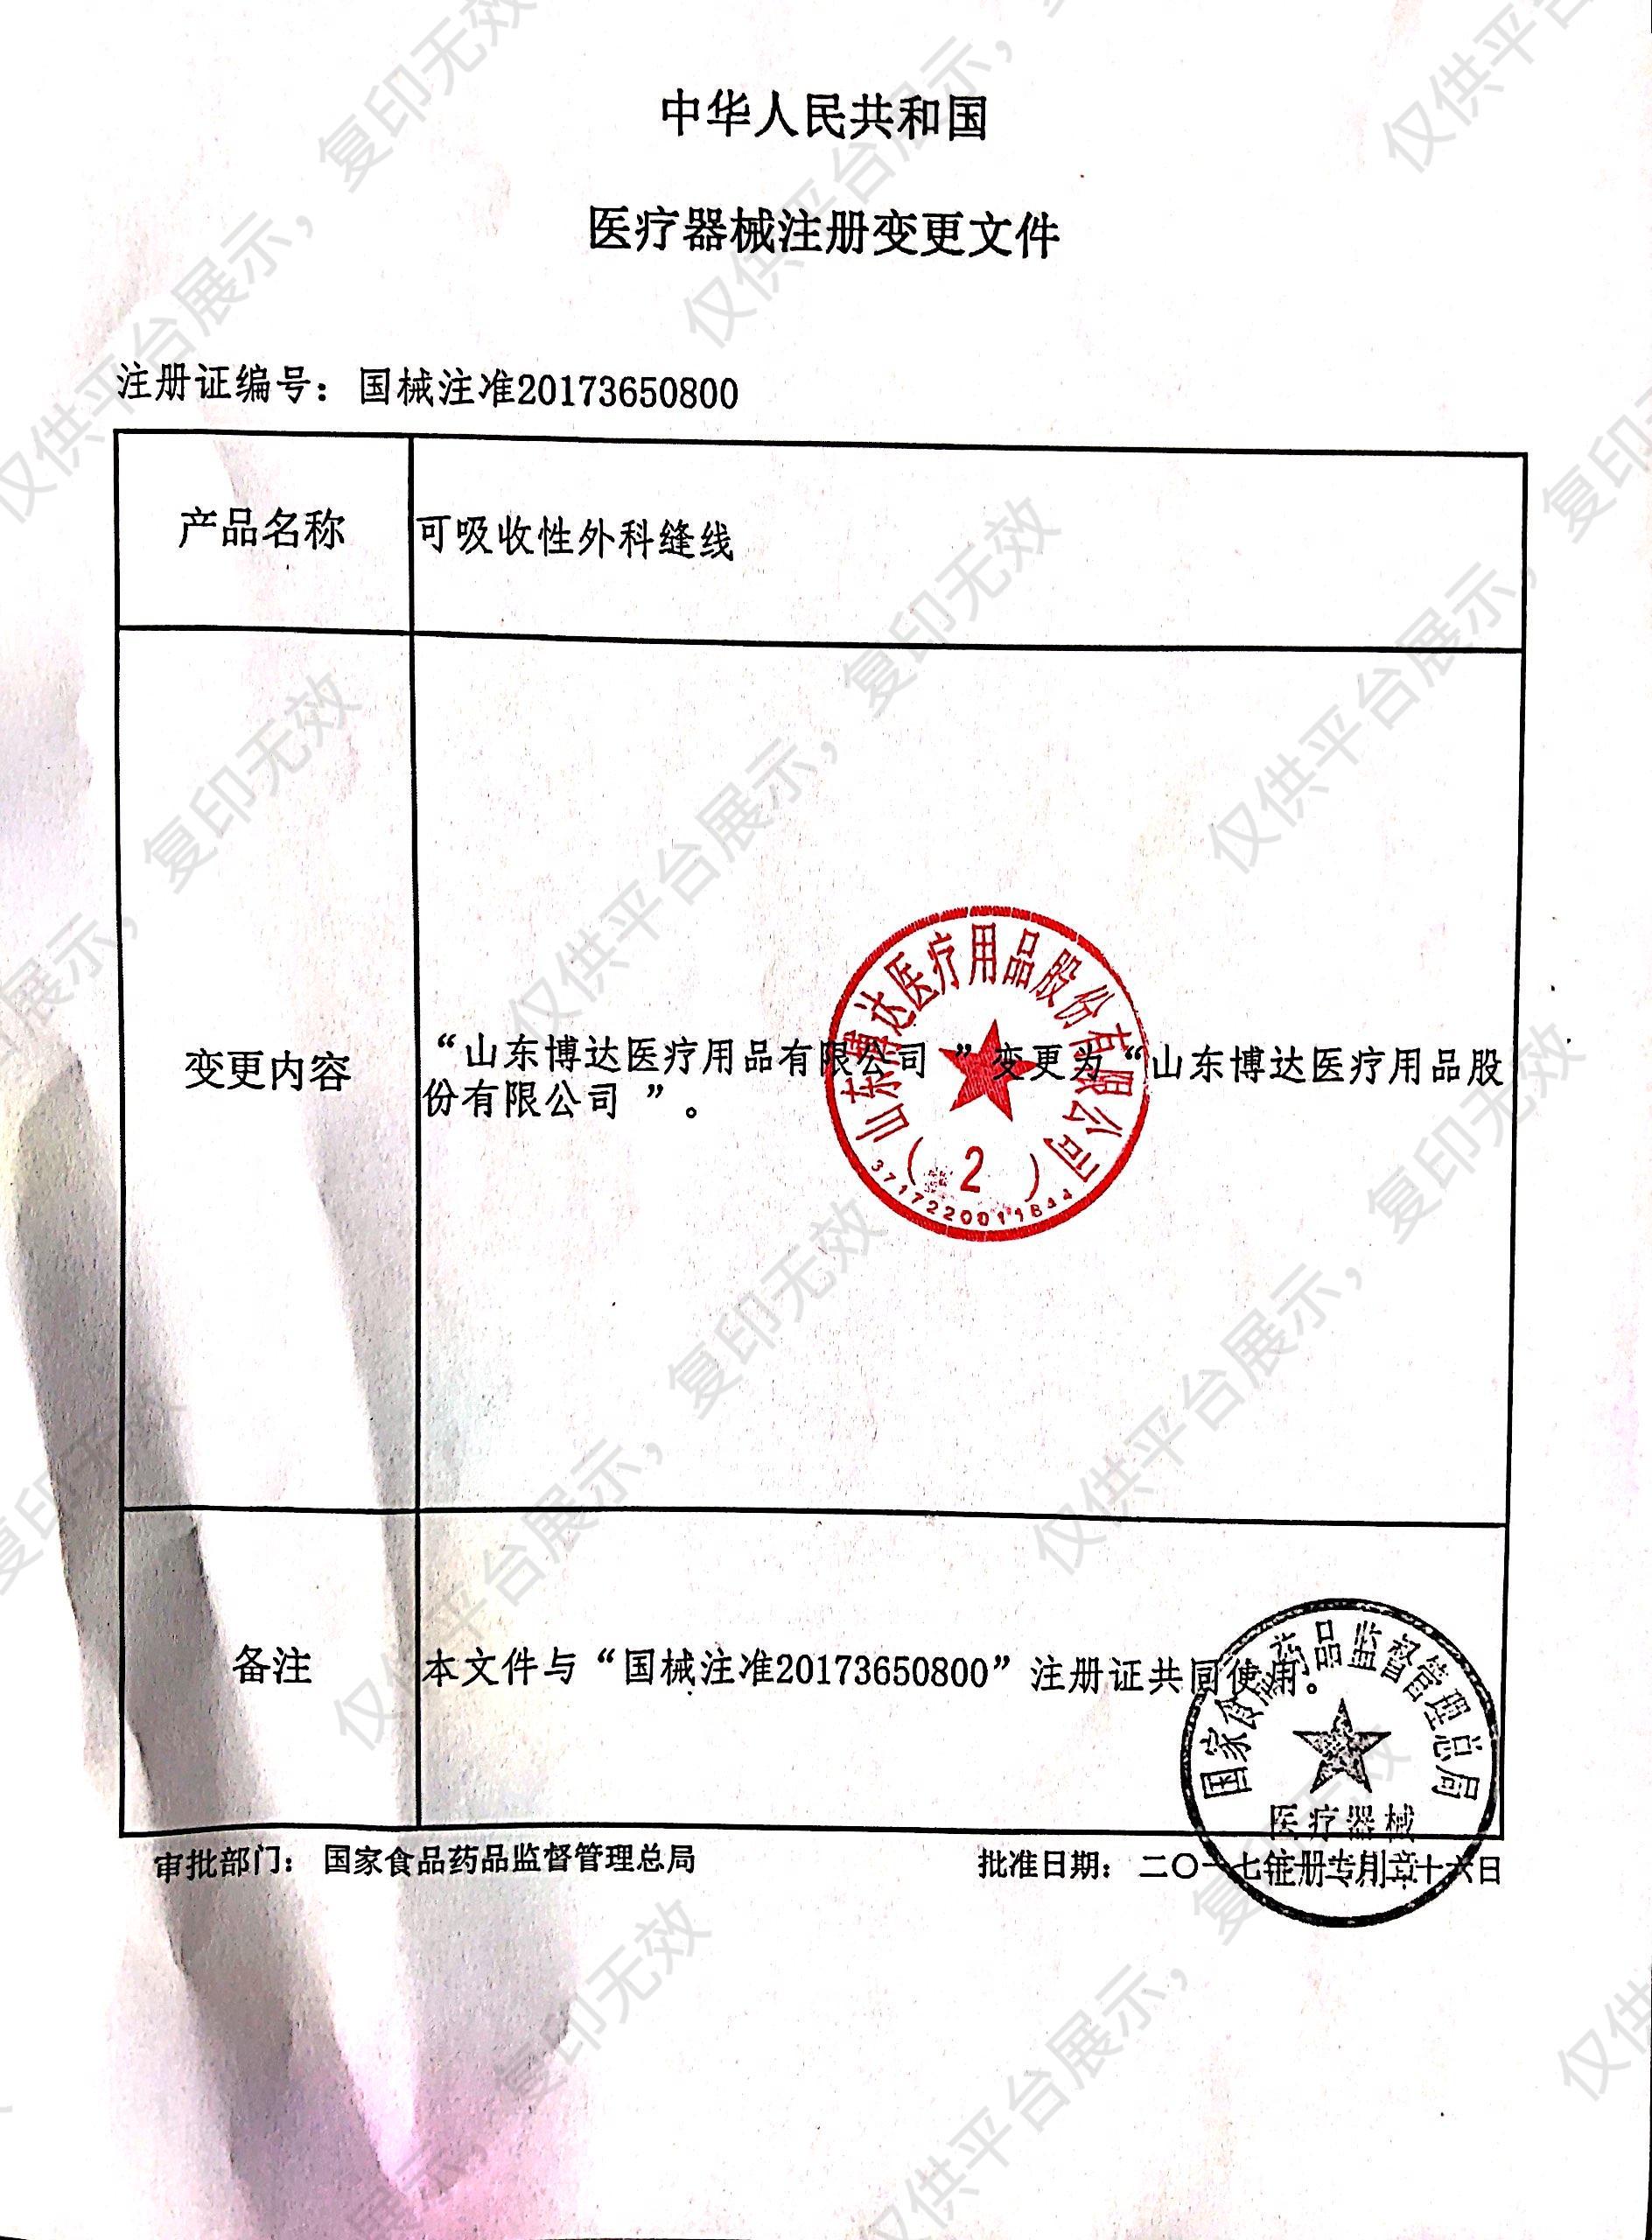 邦达 可吸收性外科缝线 胶原蛋白线  6-0 (1根/包 50包/盒)注册证